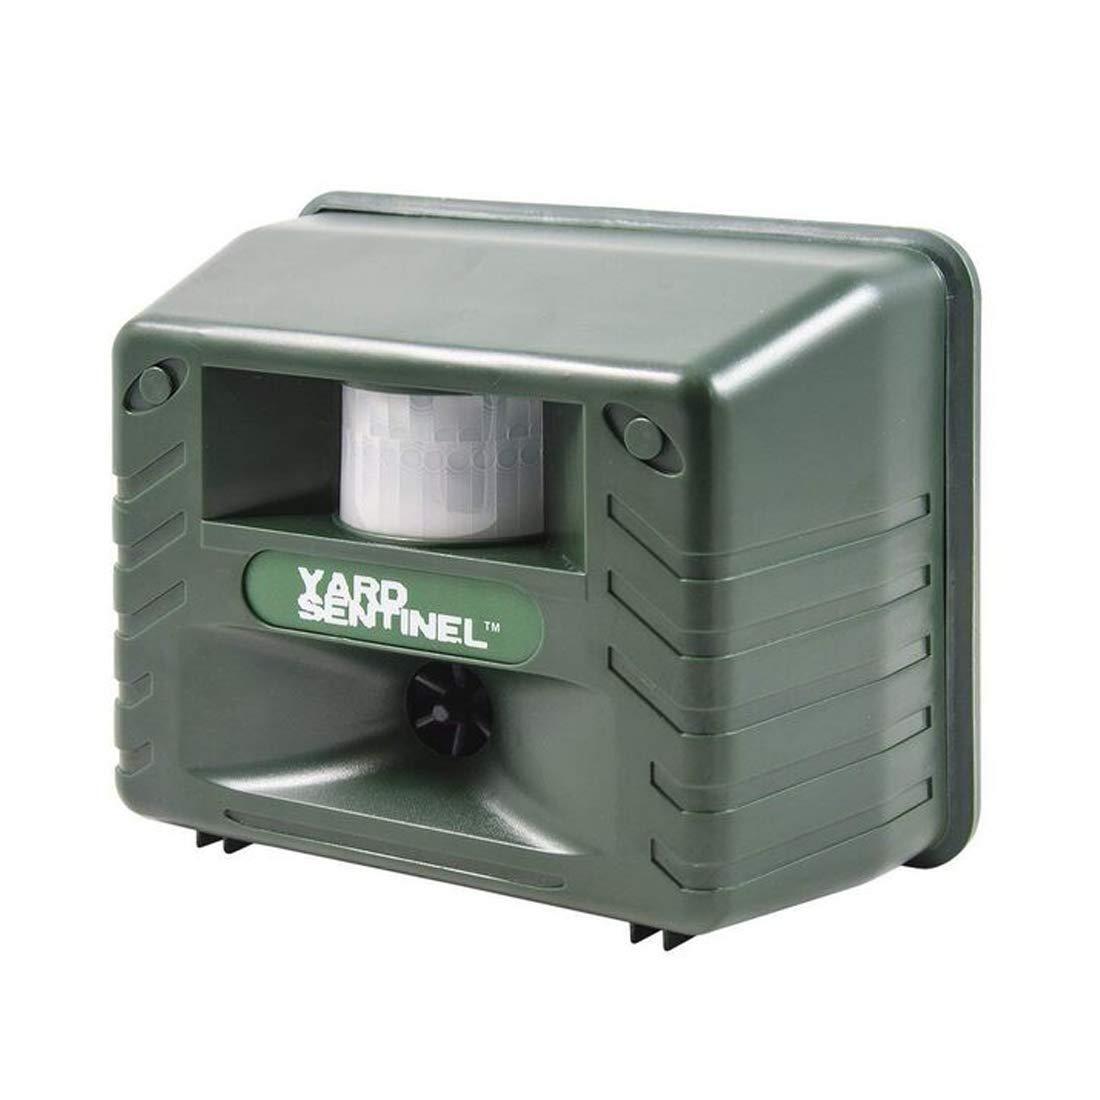 Aspectek | Electronic Ultrasonic Pest Animal Repeller, Pest Control, Rodent Repellent with Motion Sensor - Green by Aspectek